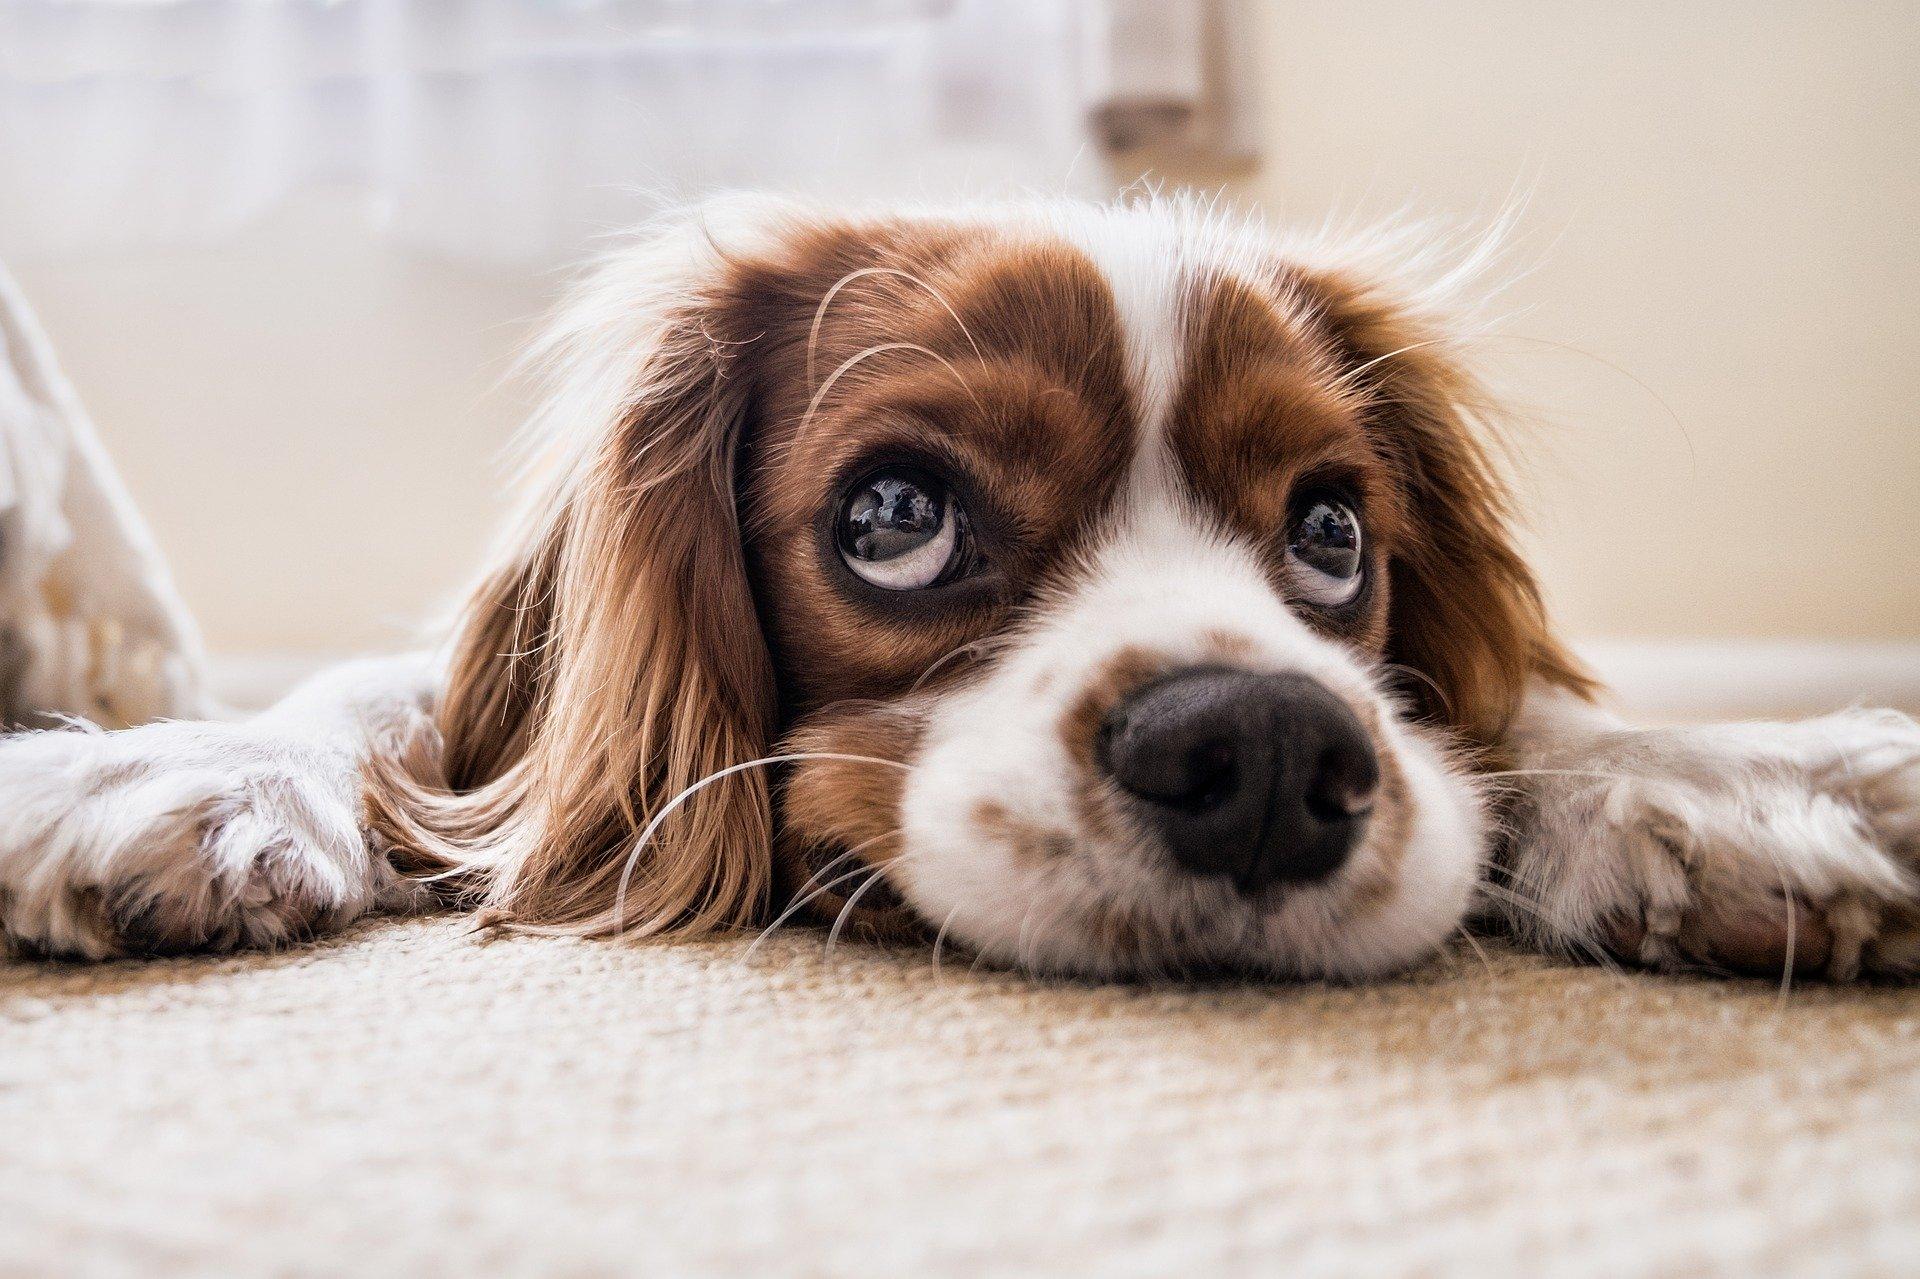 gdv in dogs